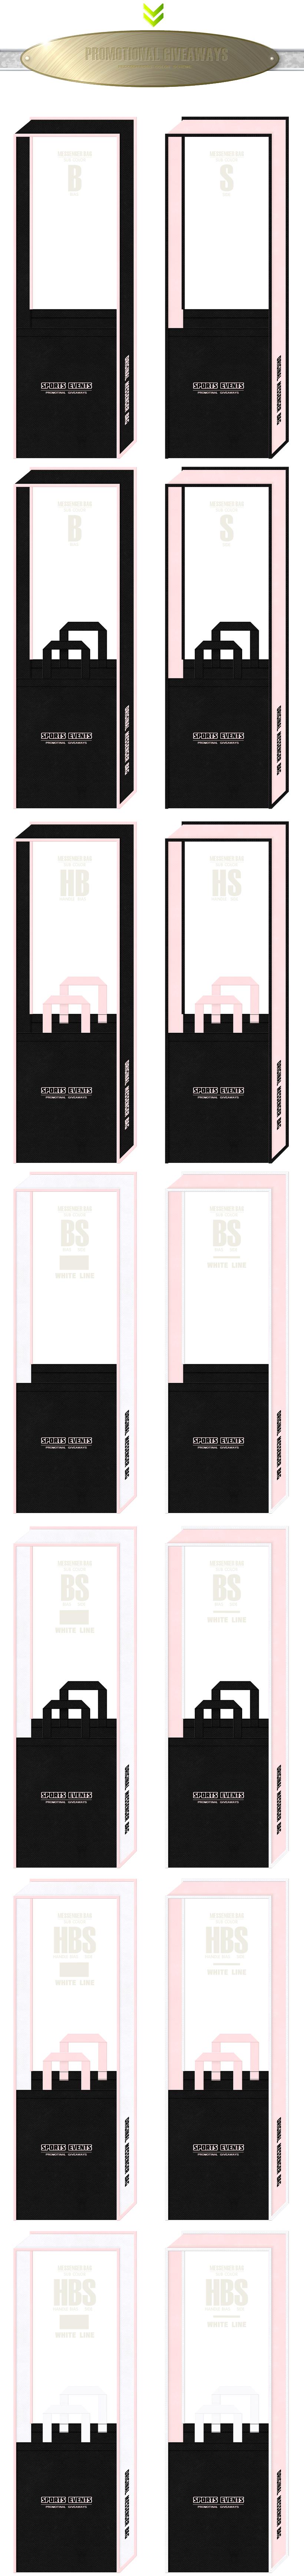 黒色と桜色をメインに使用した、不織布メッセンジャーバッグのカラーシミュレーション:スポーツイベントのノベルティ